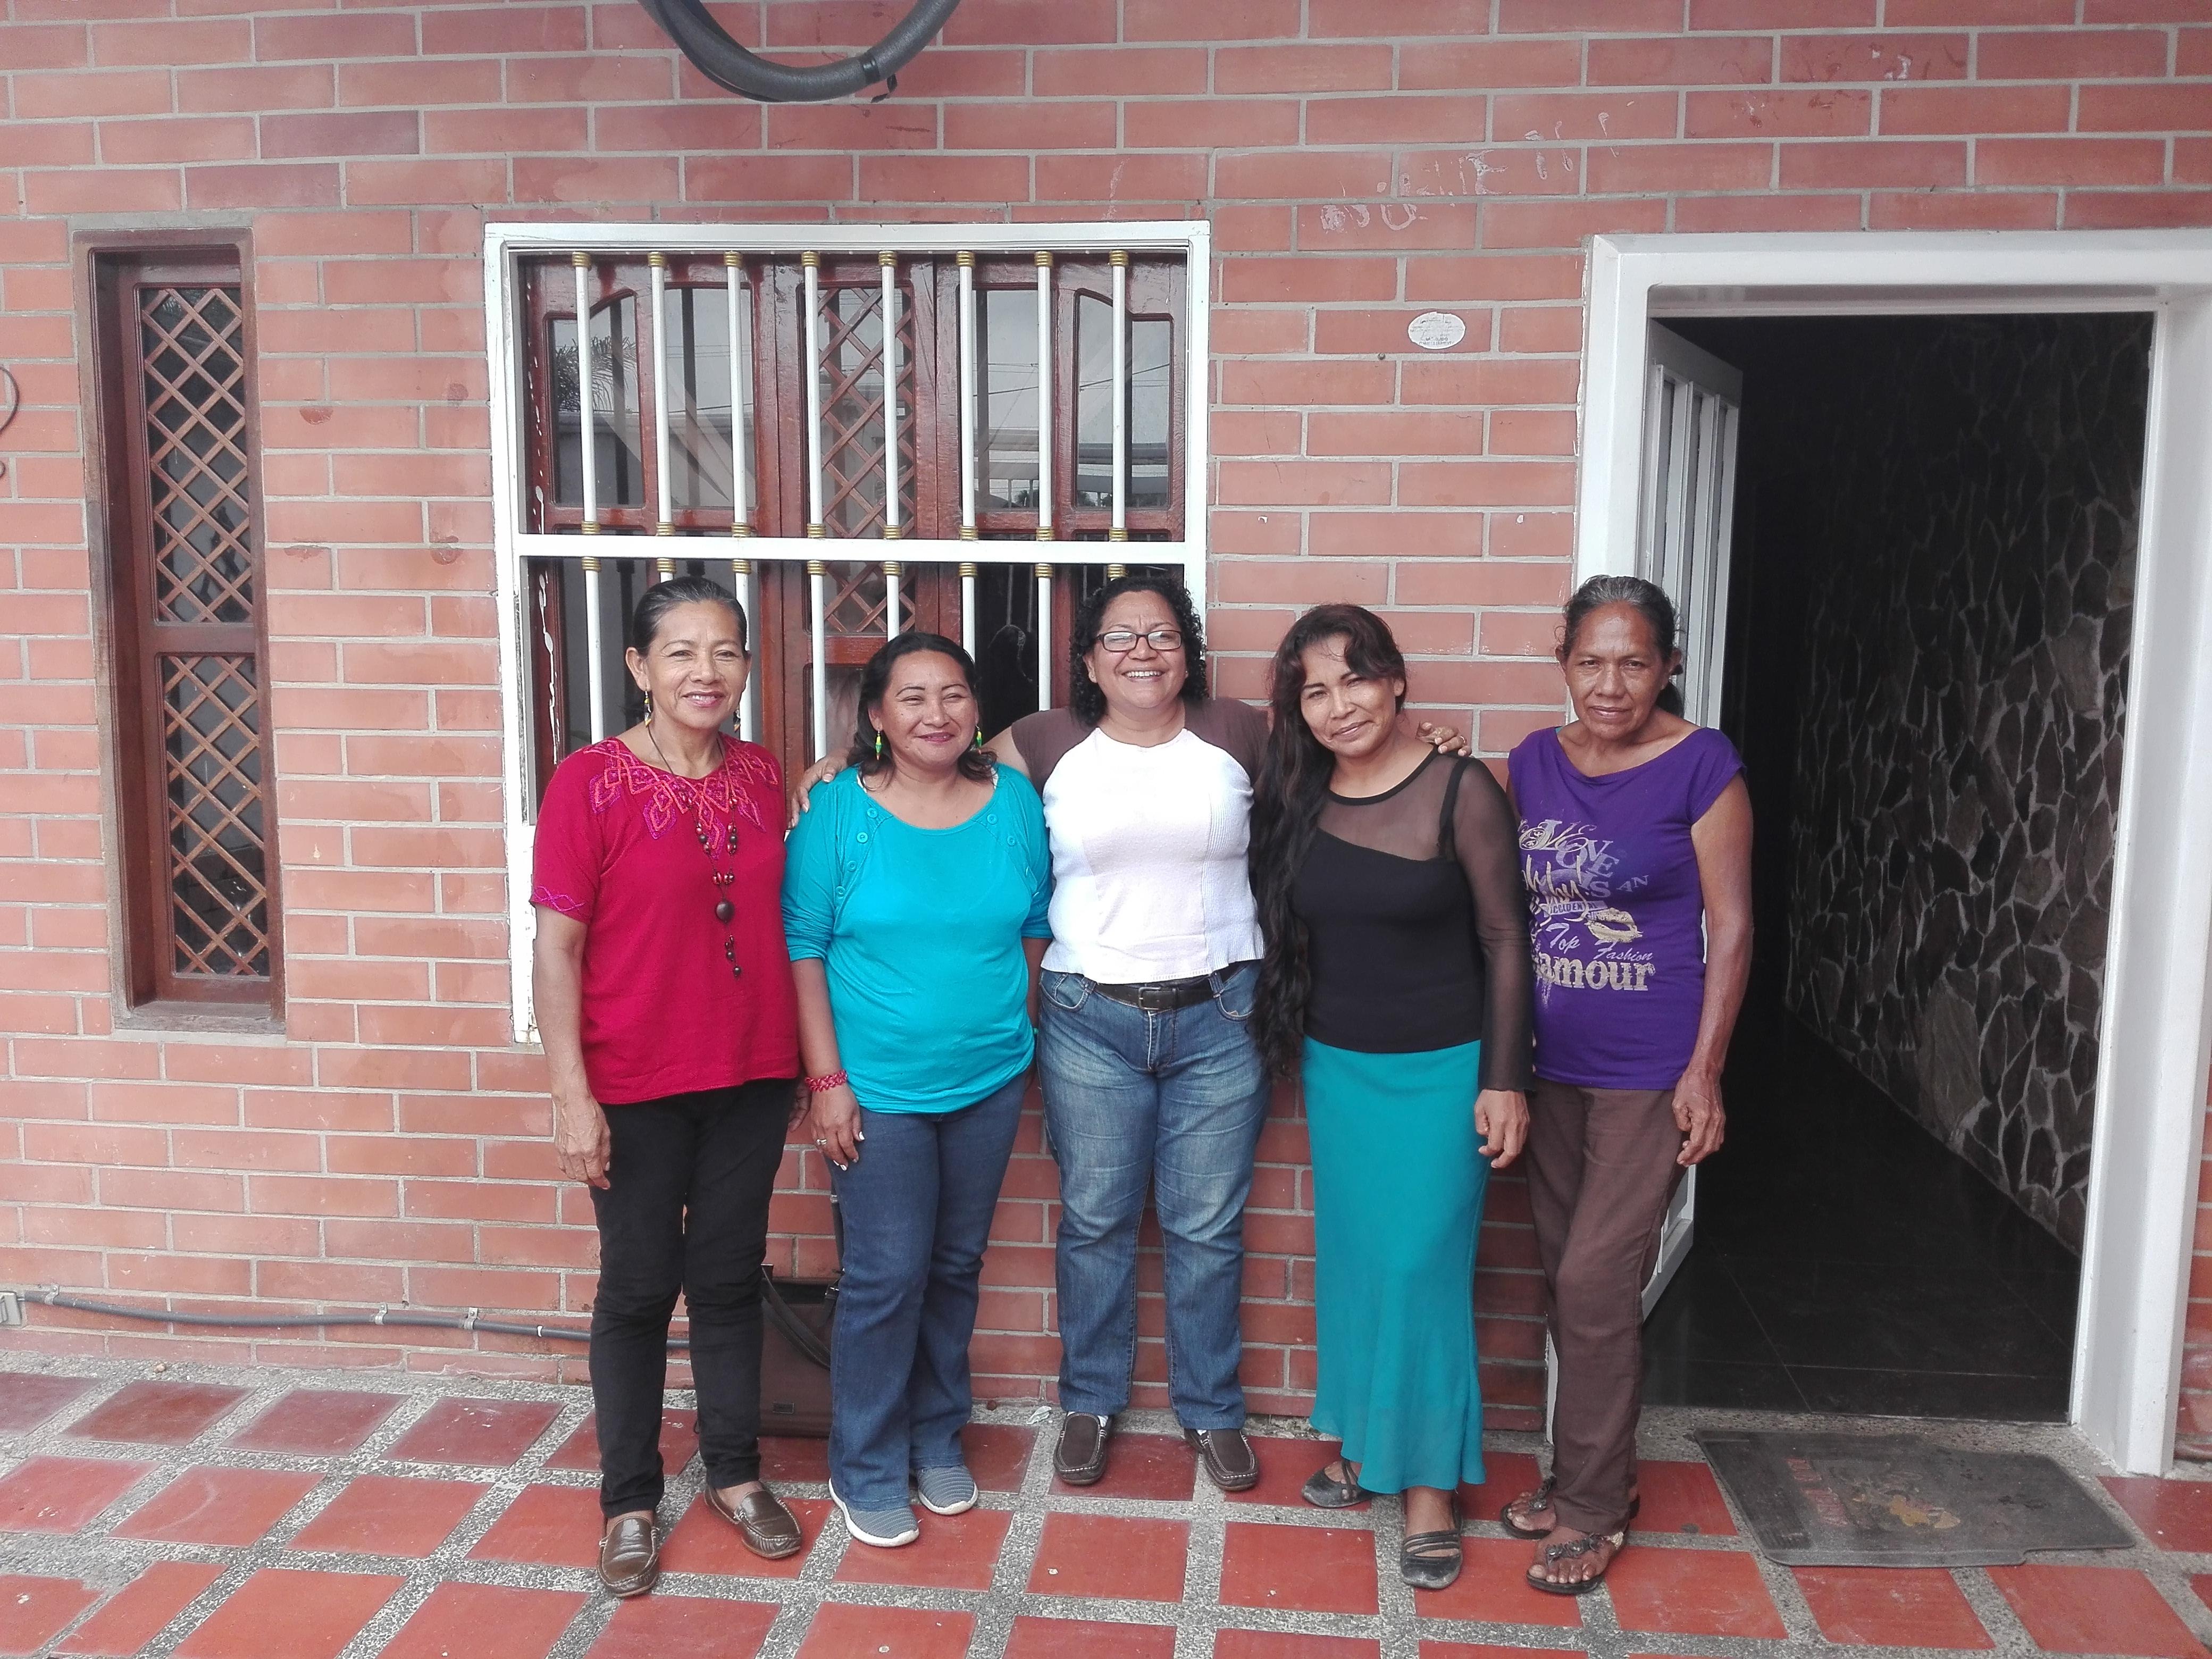 Derechos humanos de LGBTI en comunidades indígenas venezolanas